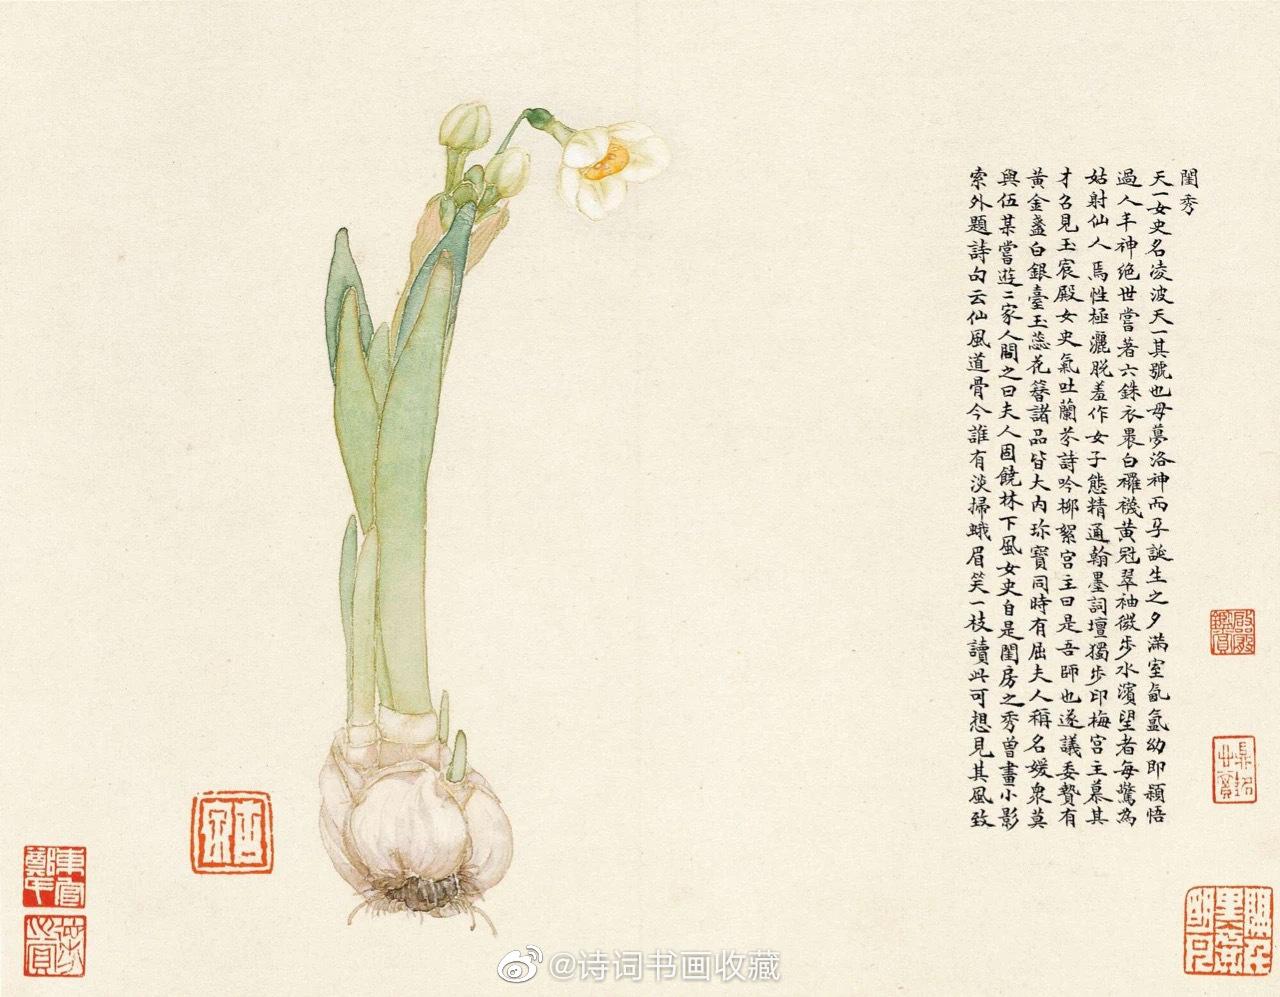 居廉《群芳竞妍册》居廉(1828年9月22日-1904年5月5日)广东省广州